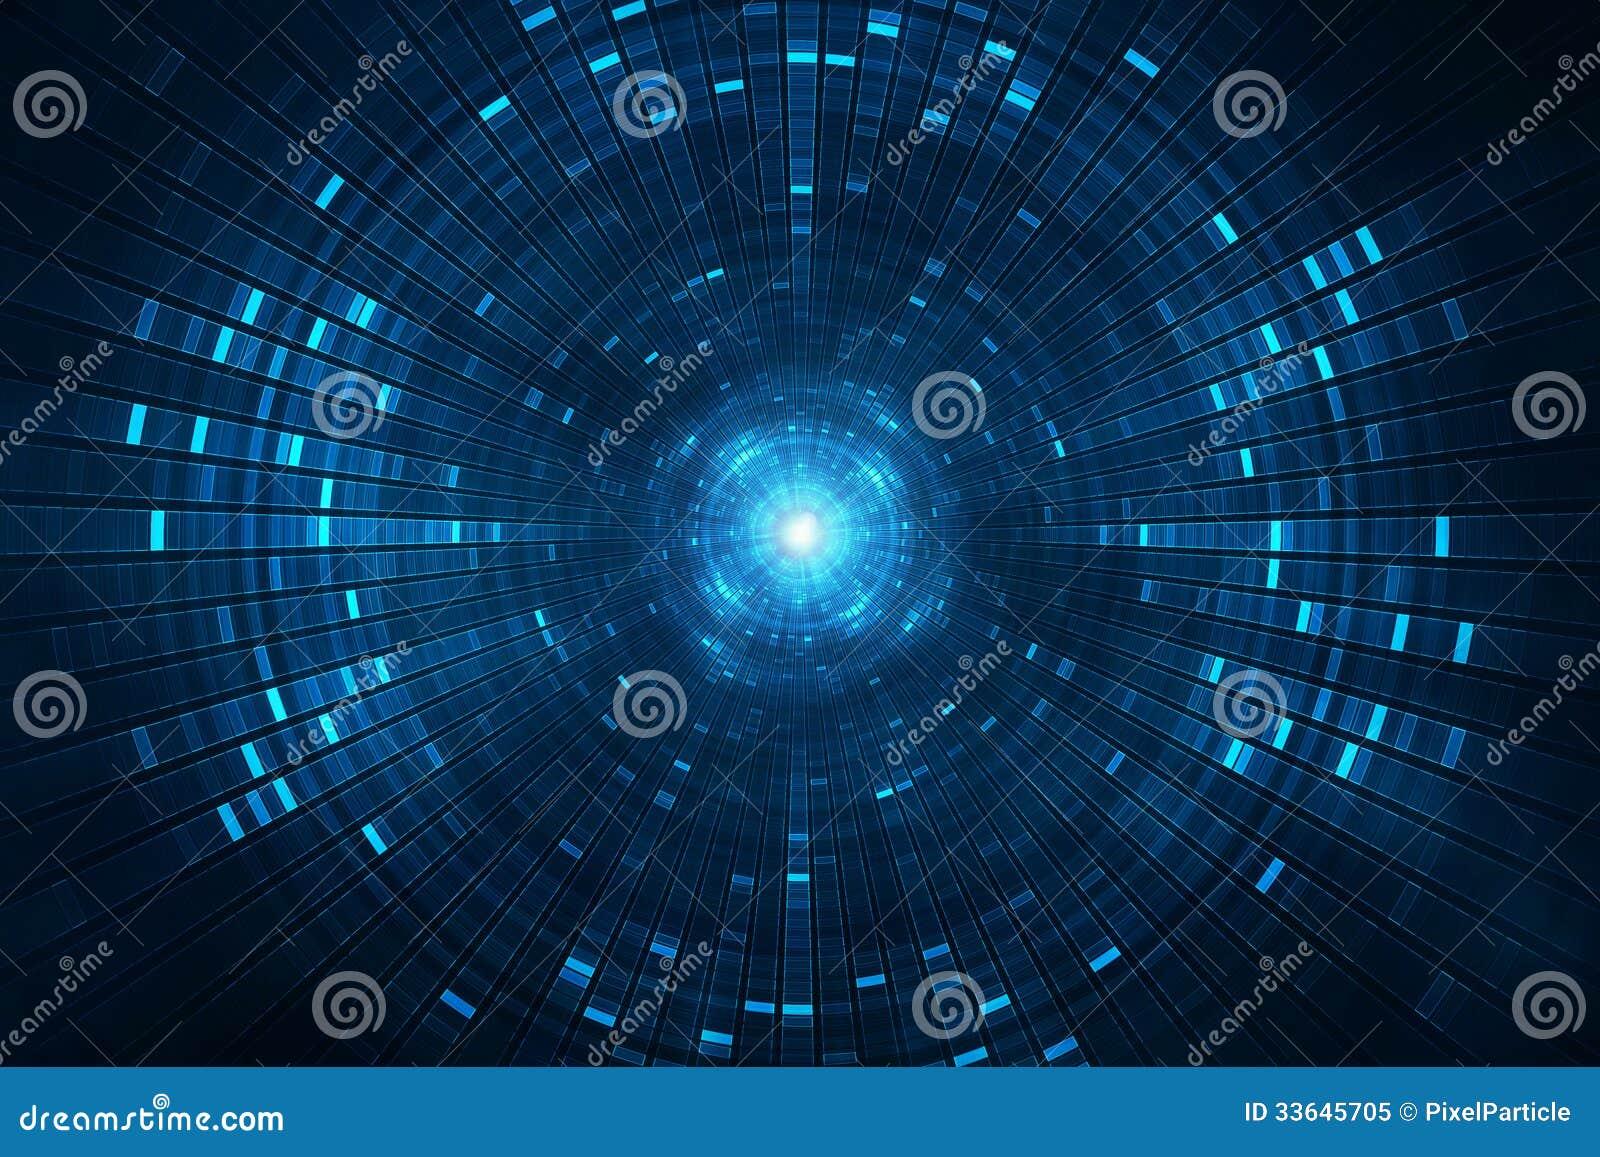 Fondo futurista abstracto de la ciencia ficción - acelerador de partícula del collider